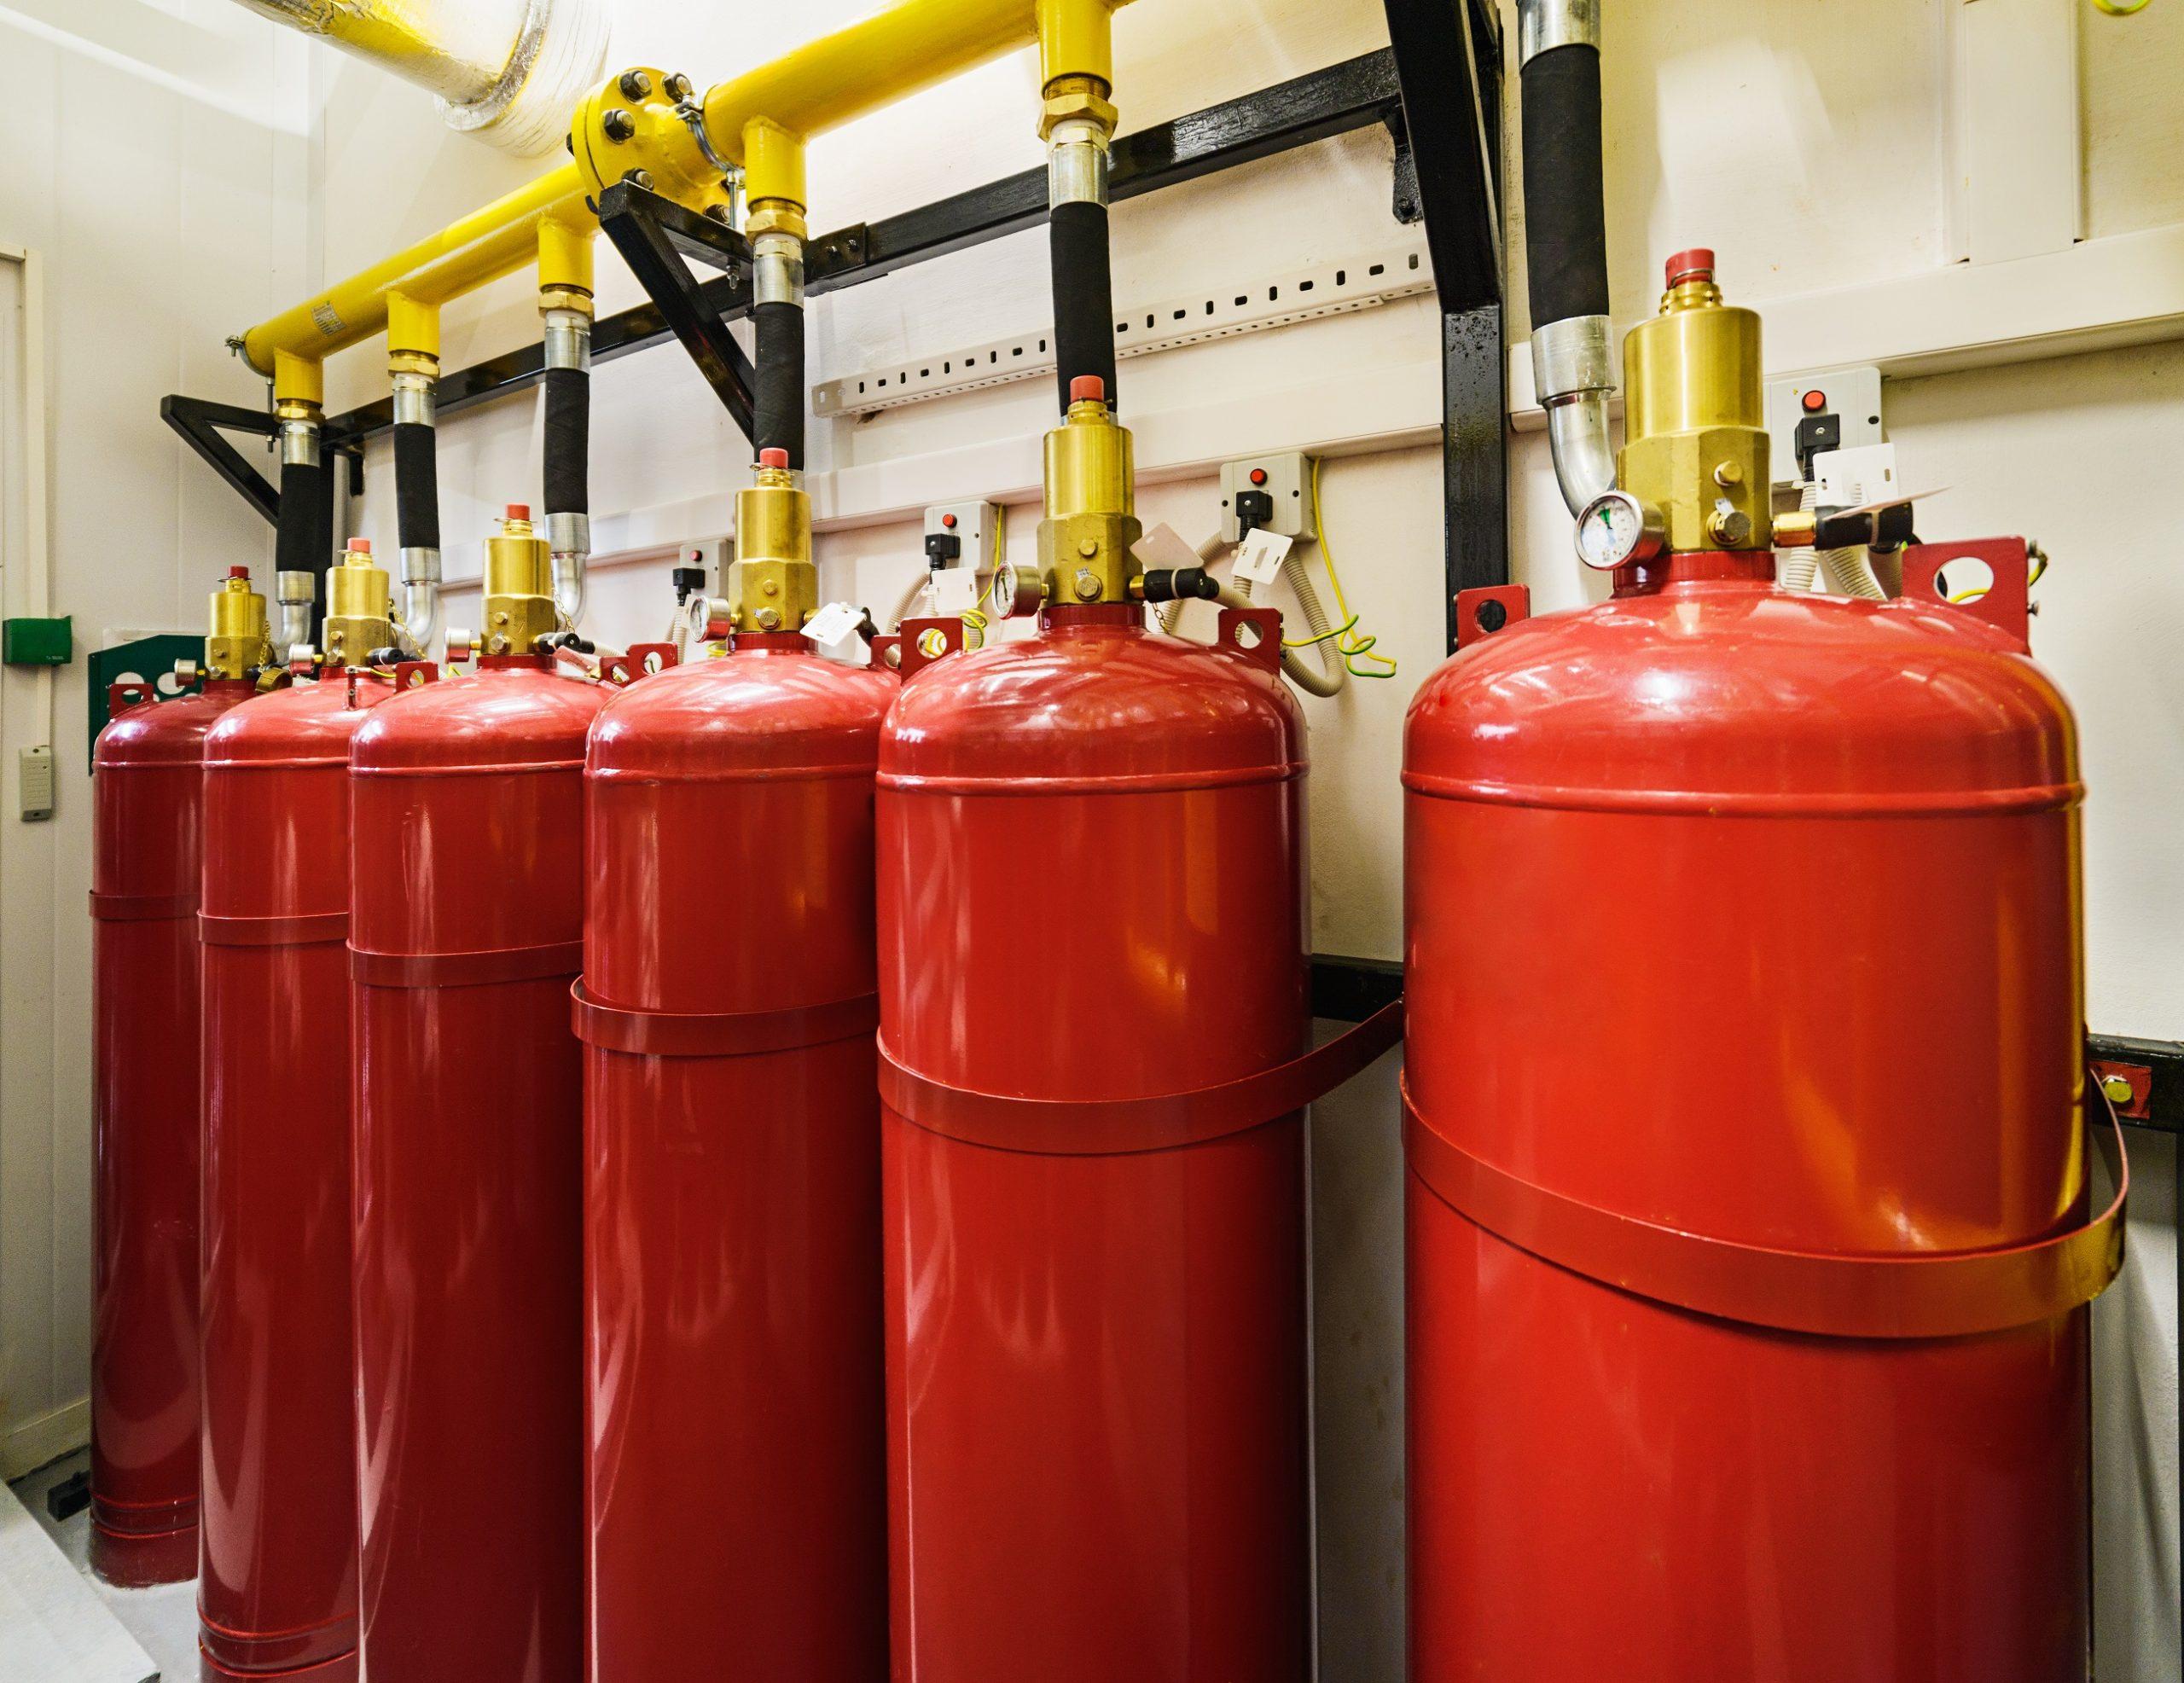 ارائه تجهیزات و خدمات اطفاء حریق اتوماتیک